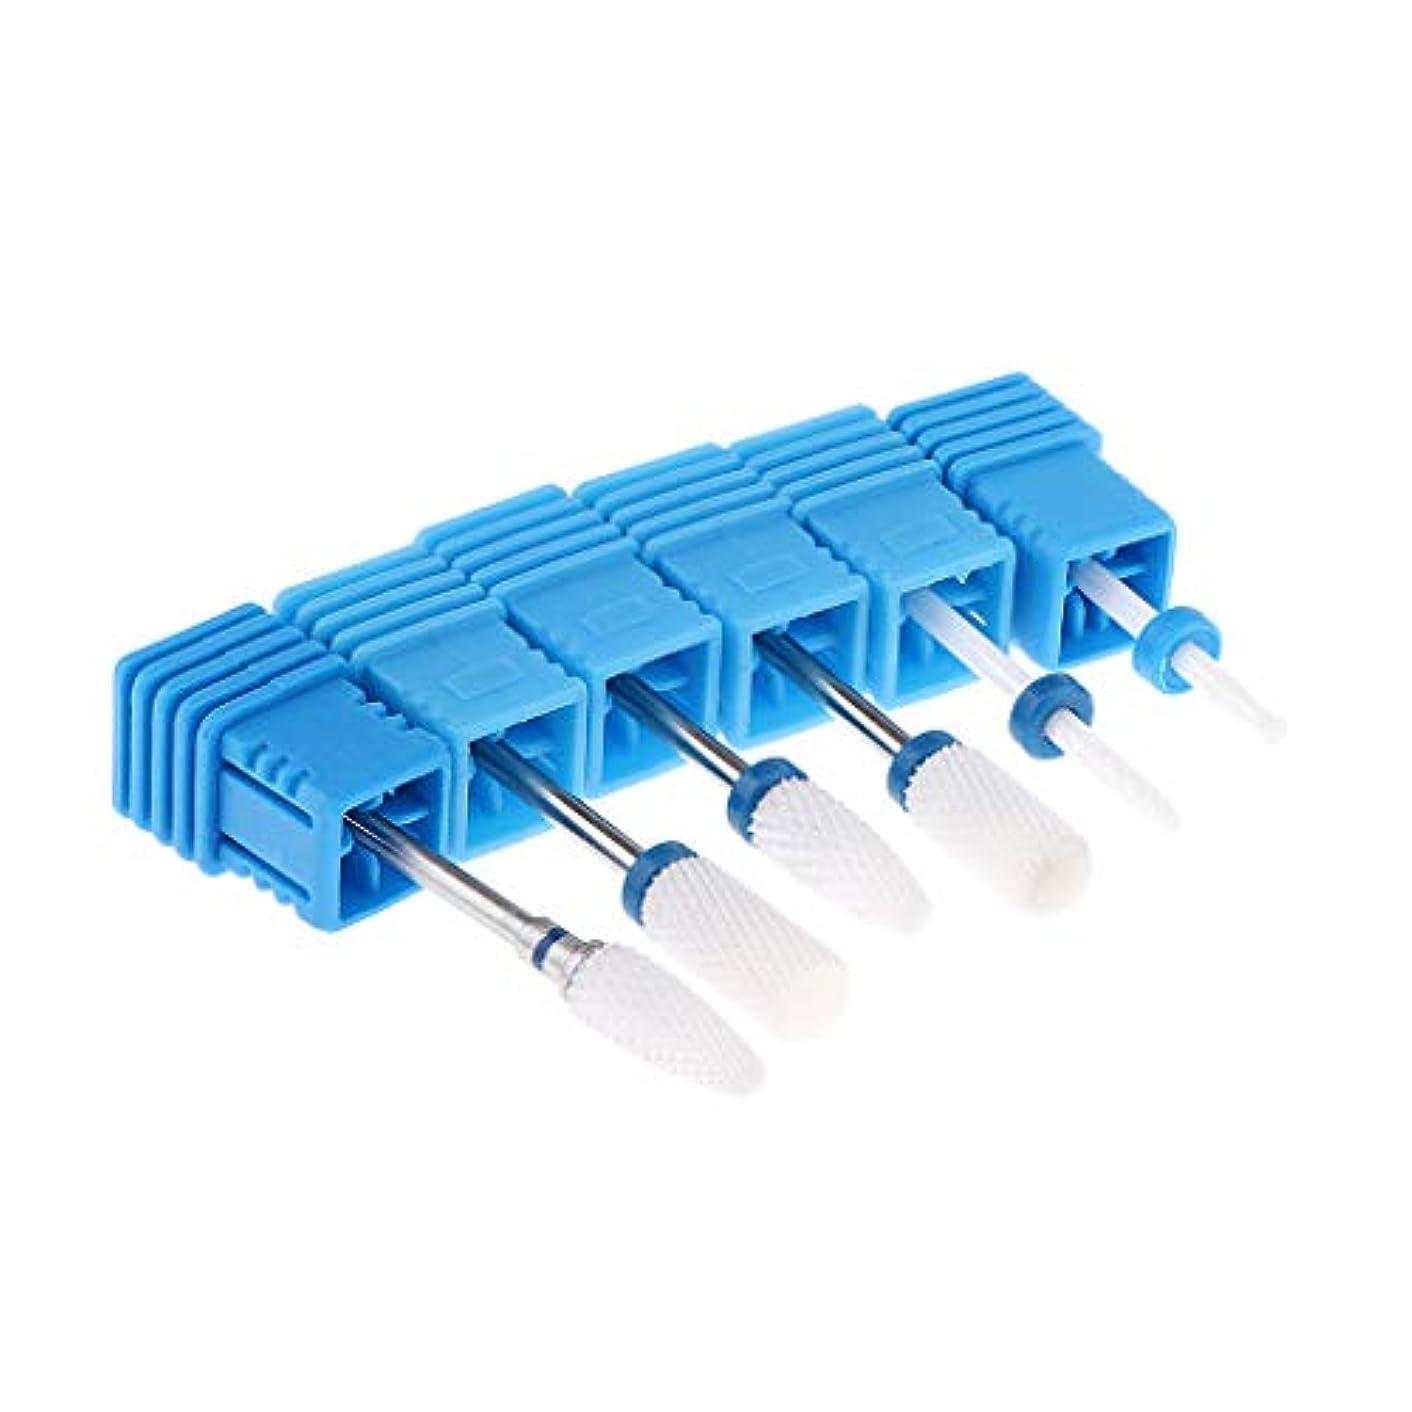 パックの6ピースキューティクルクリーンネイルドリルビットセットロータリー研削ヘッドネイルファイルビット用ネイルアート電動マニキュア機アクセサリー